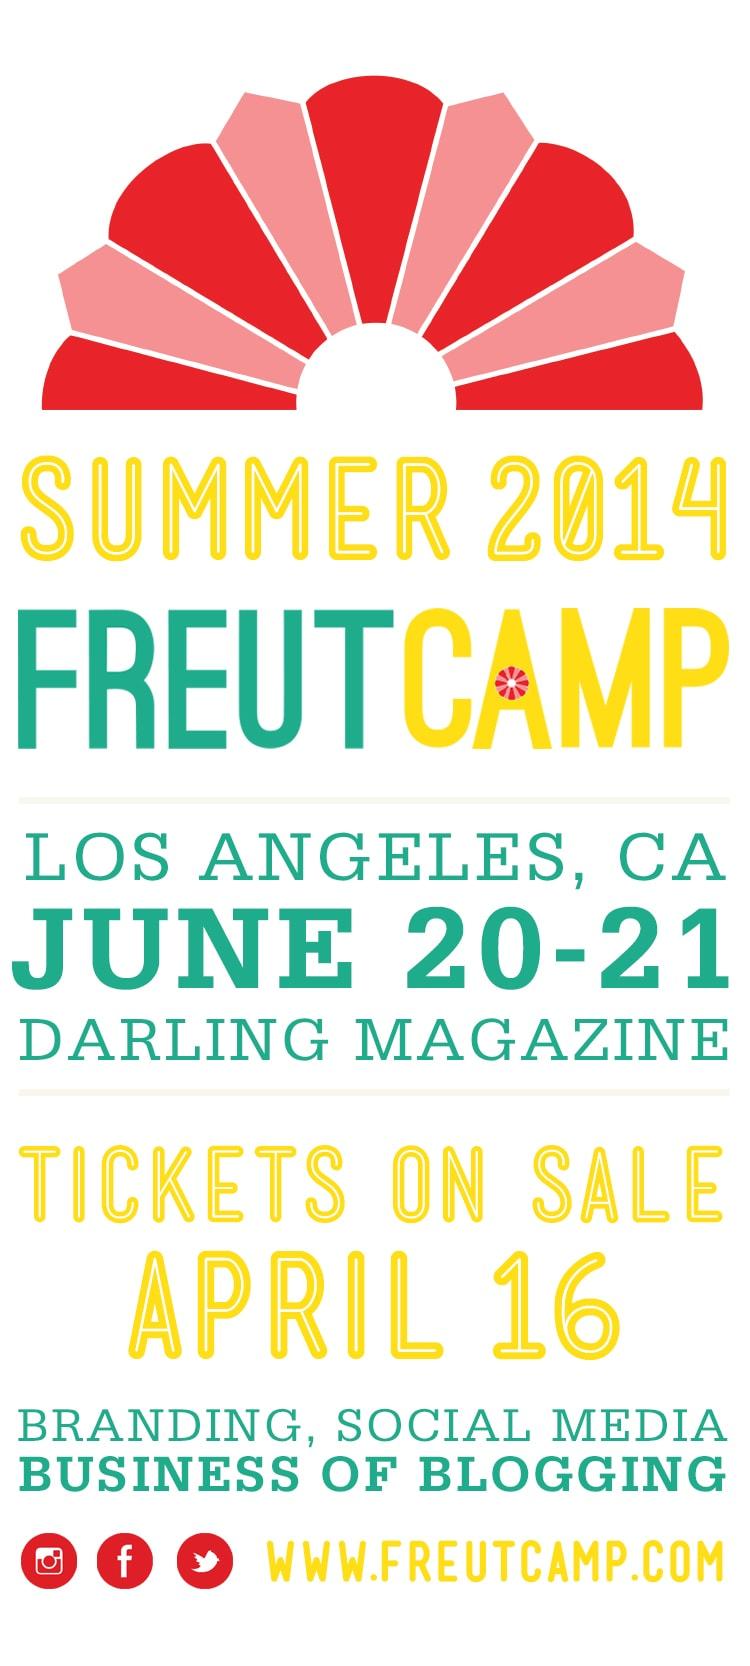 Freutcamp Summer 2014